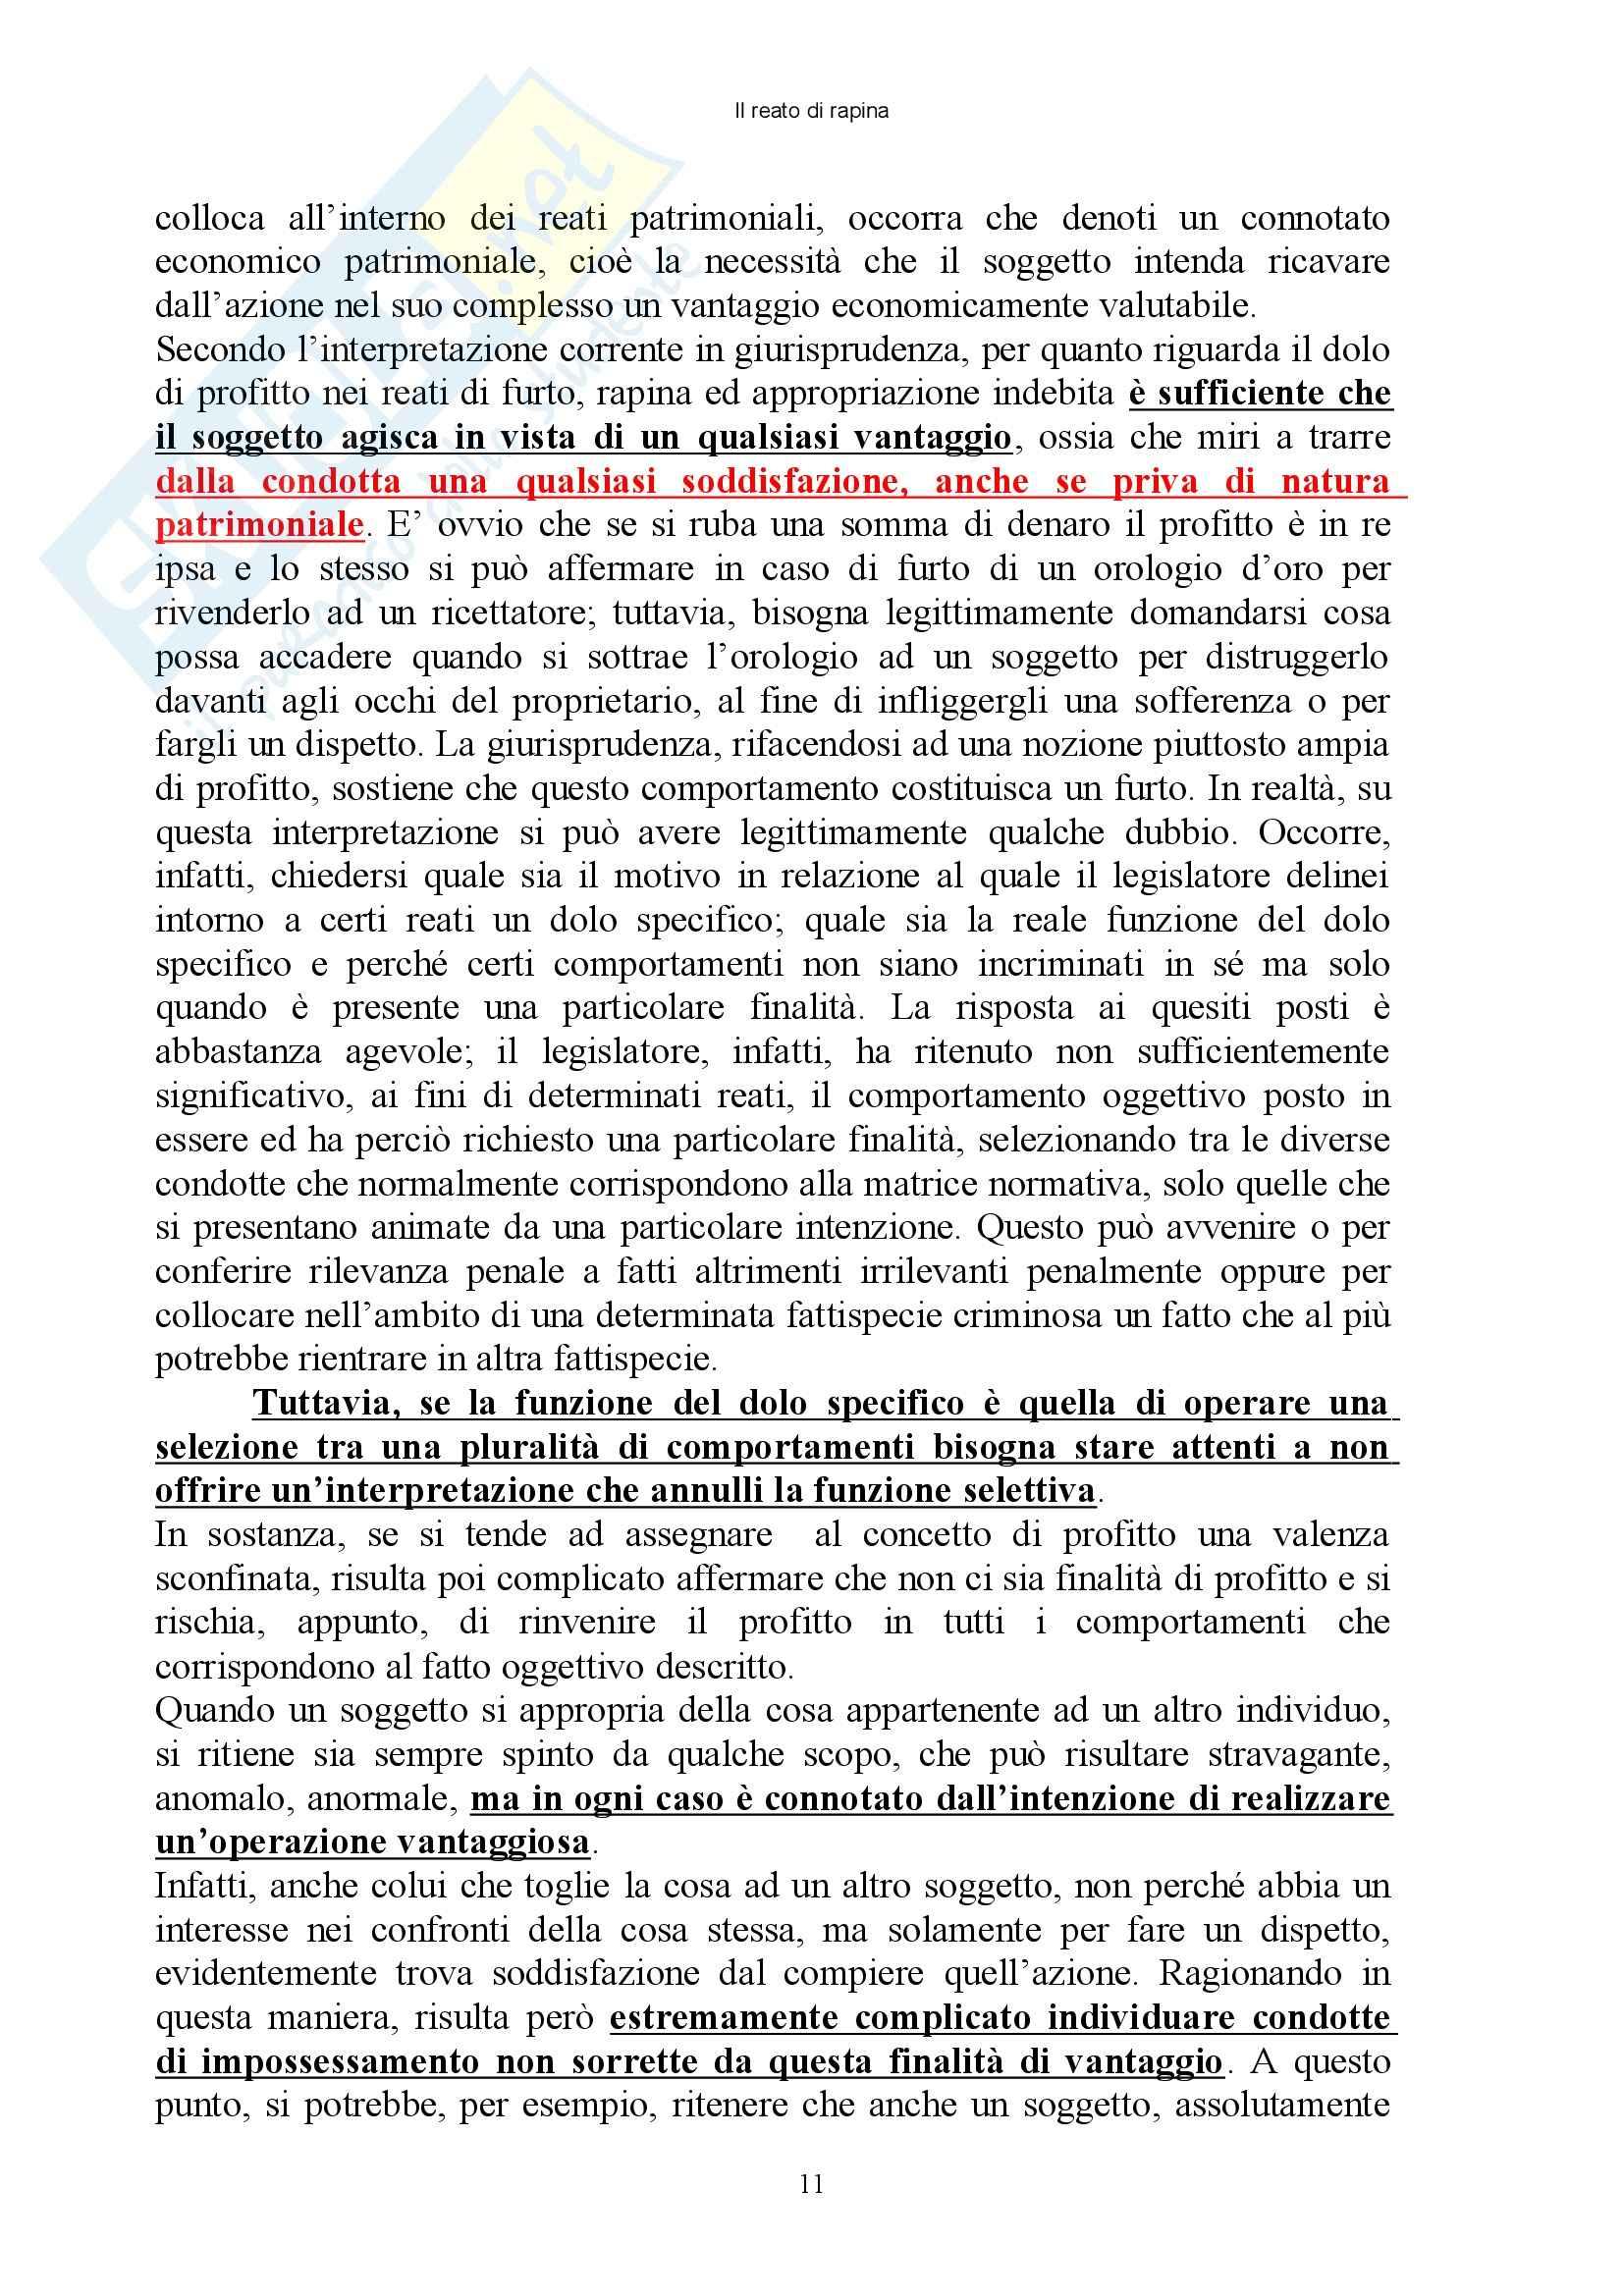 Diritto penale - reati contro il patrimonio - Appunti Pag. 11